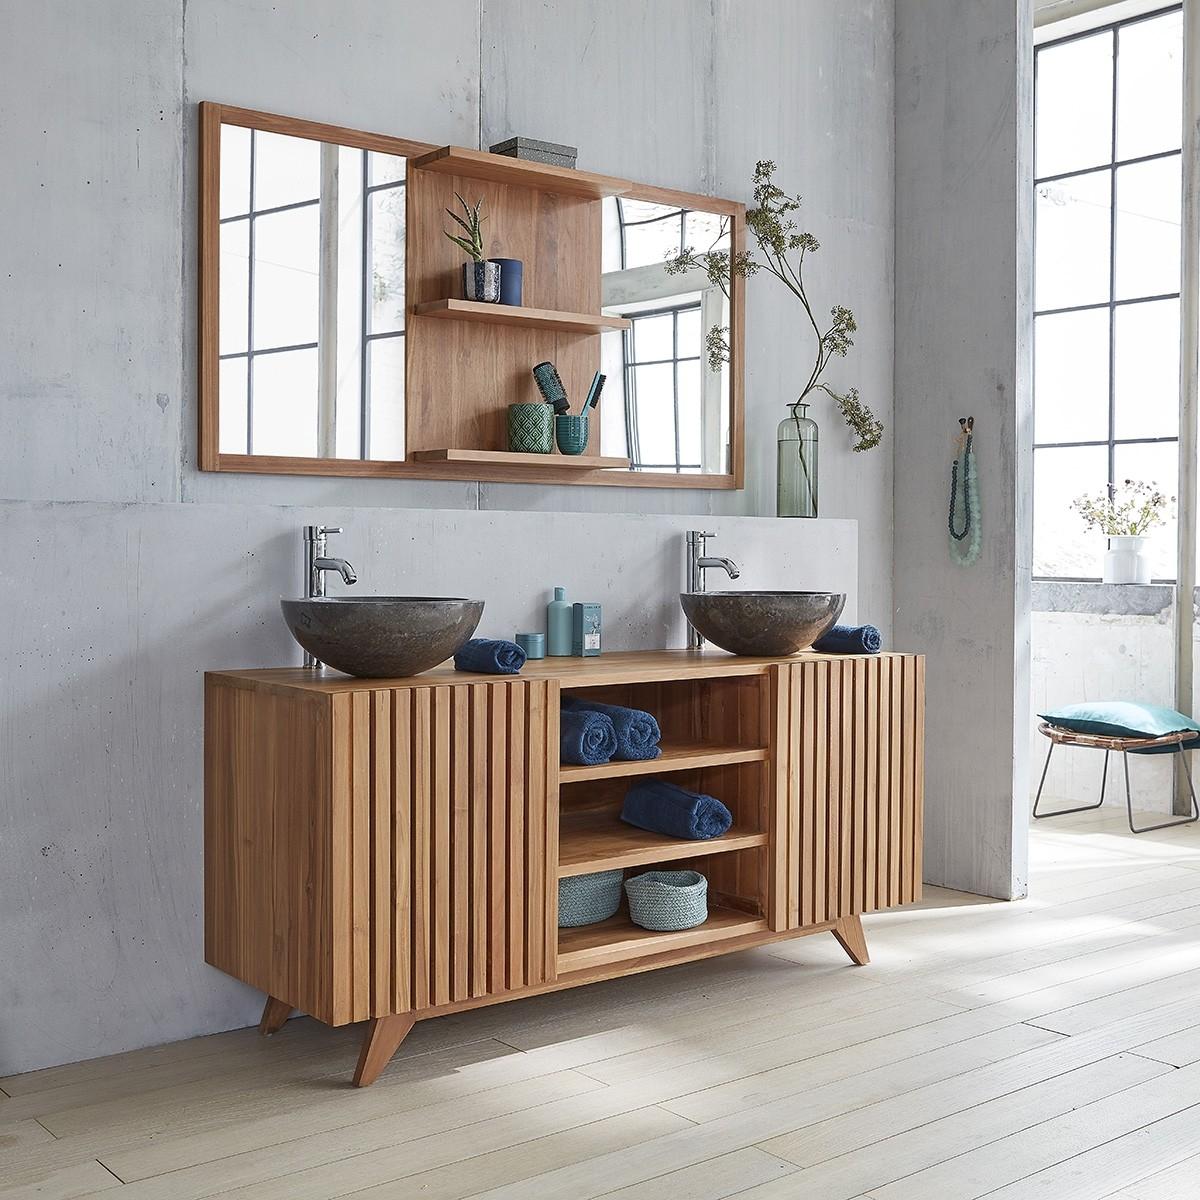 Meuble de salle de bain en bois de teck 160 bois dessus bois dessous - Meuble de salle de bain sous vasque ...